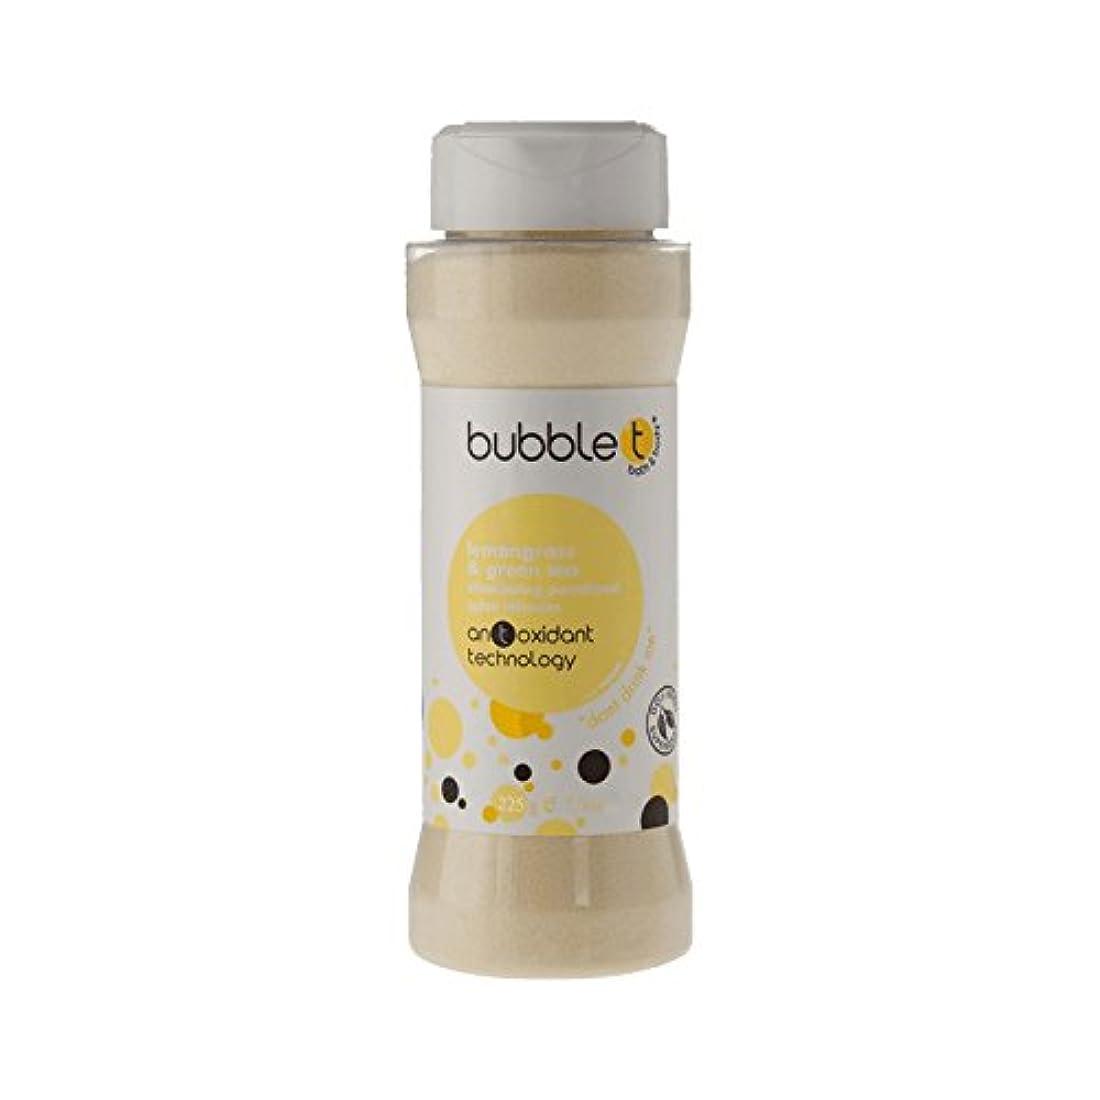 バブルトン風呂スパイス注入レモングラス&緑茶225グラム - Bubble T Bath Spice Infusion Lemongrass & Green Tea 225g (Bubble T) [並行輸入品]